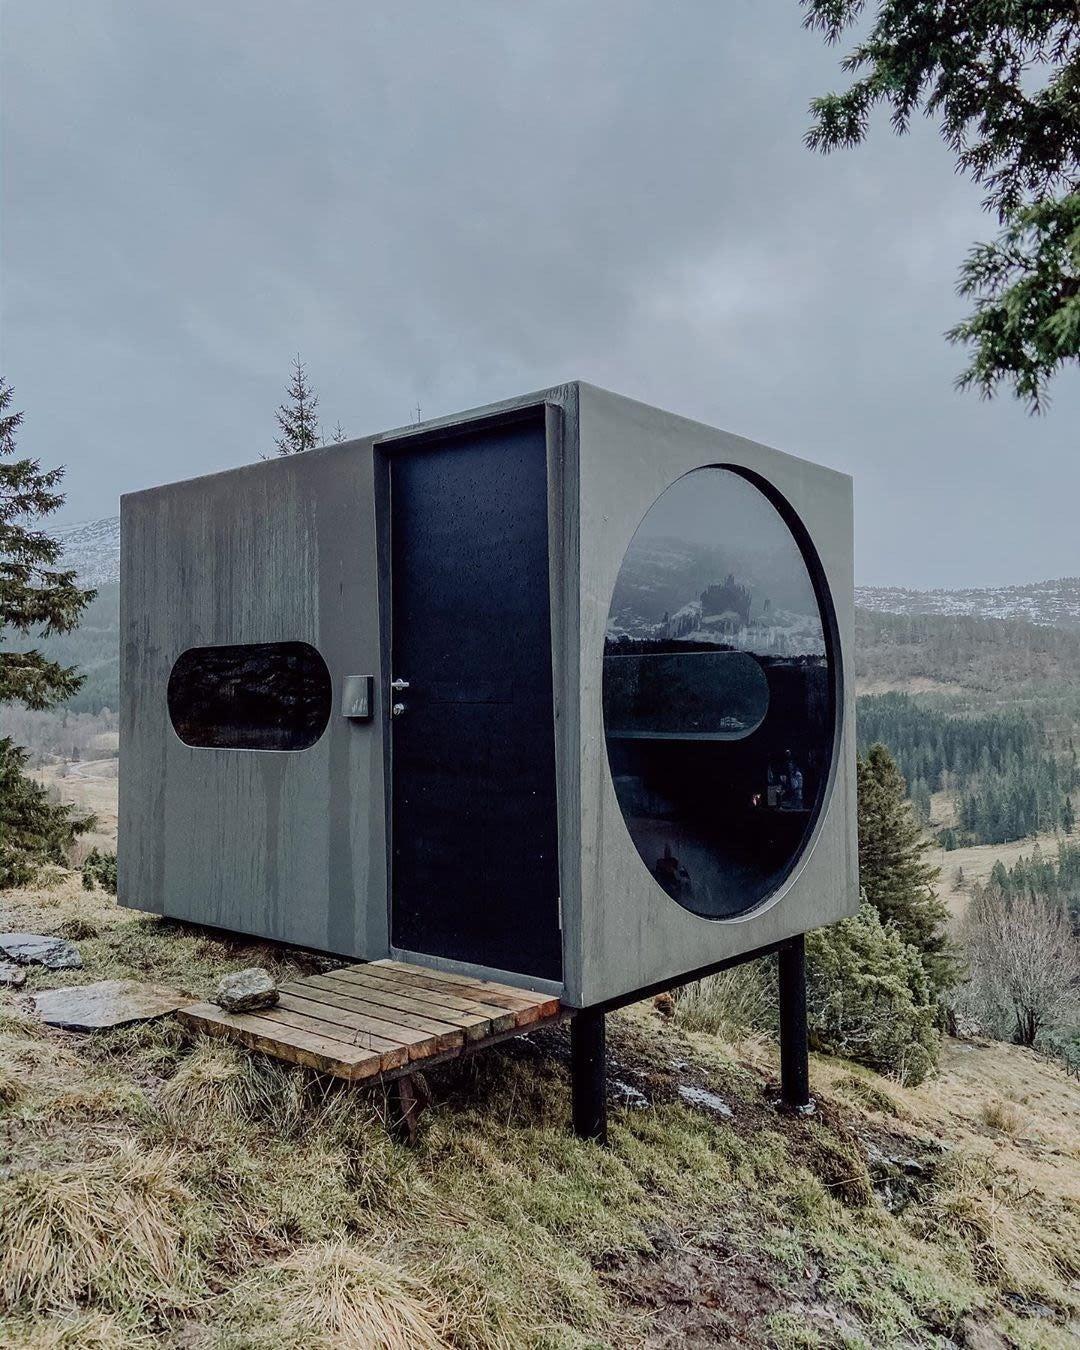 birdbox airbnb